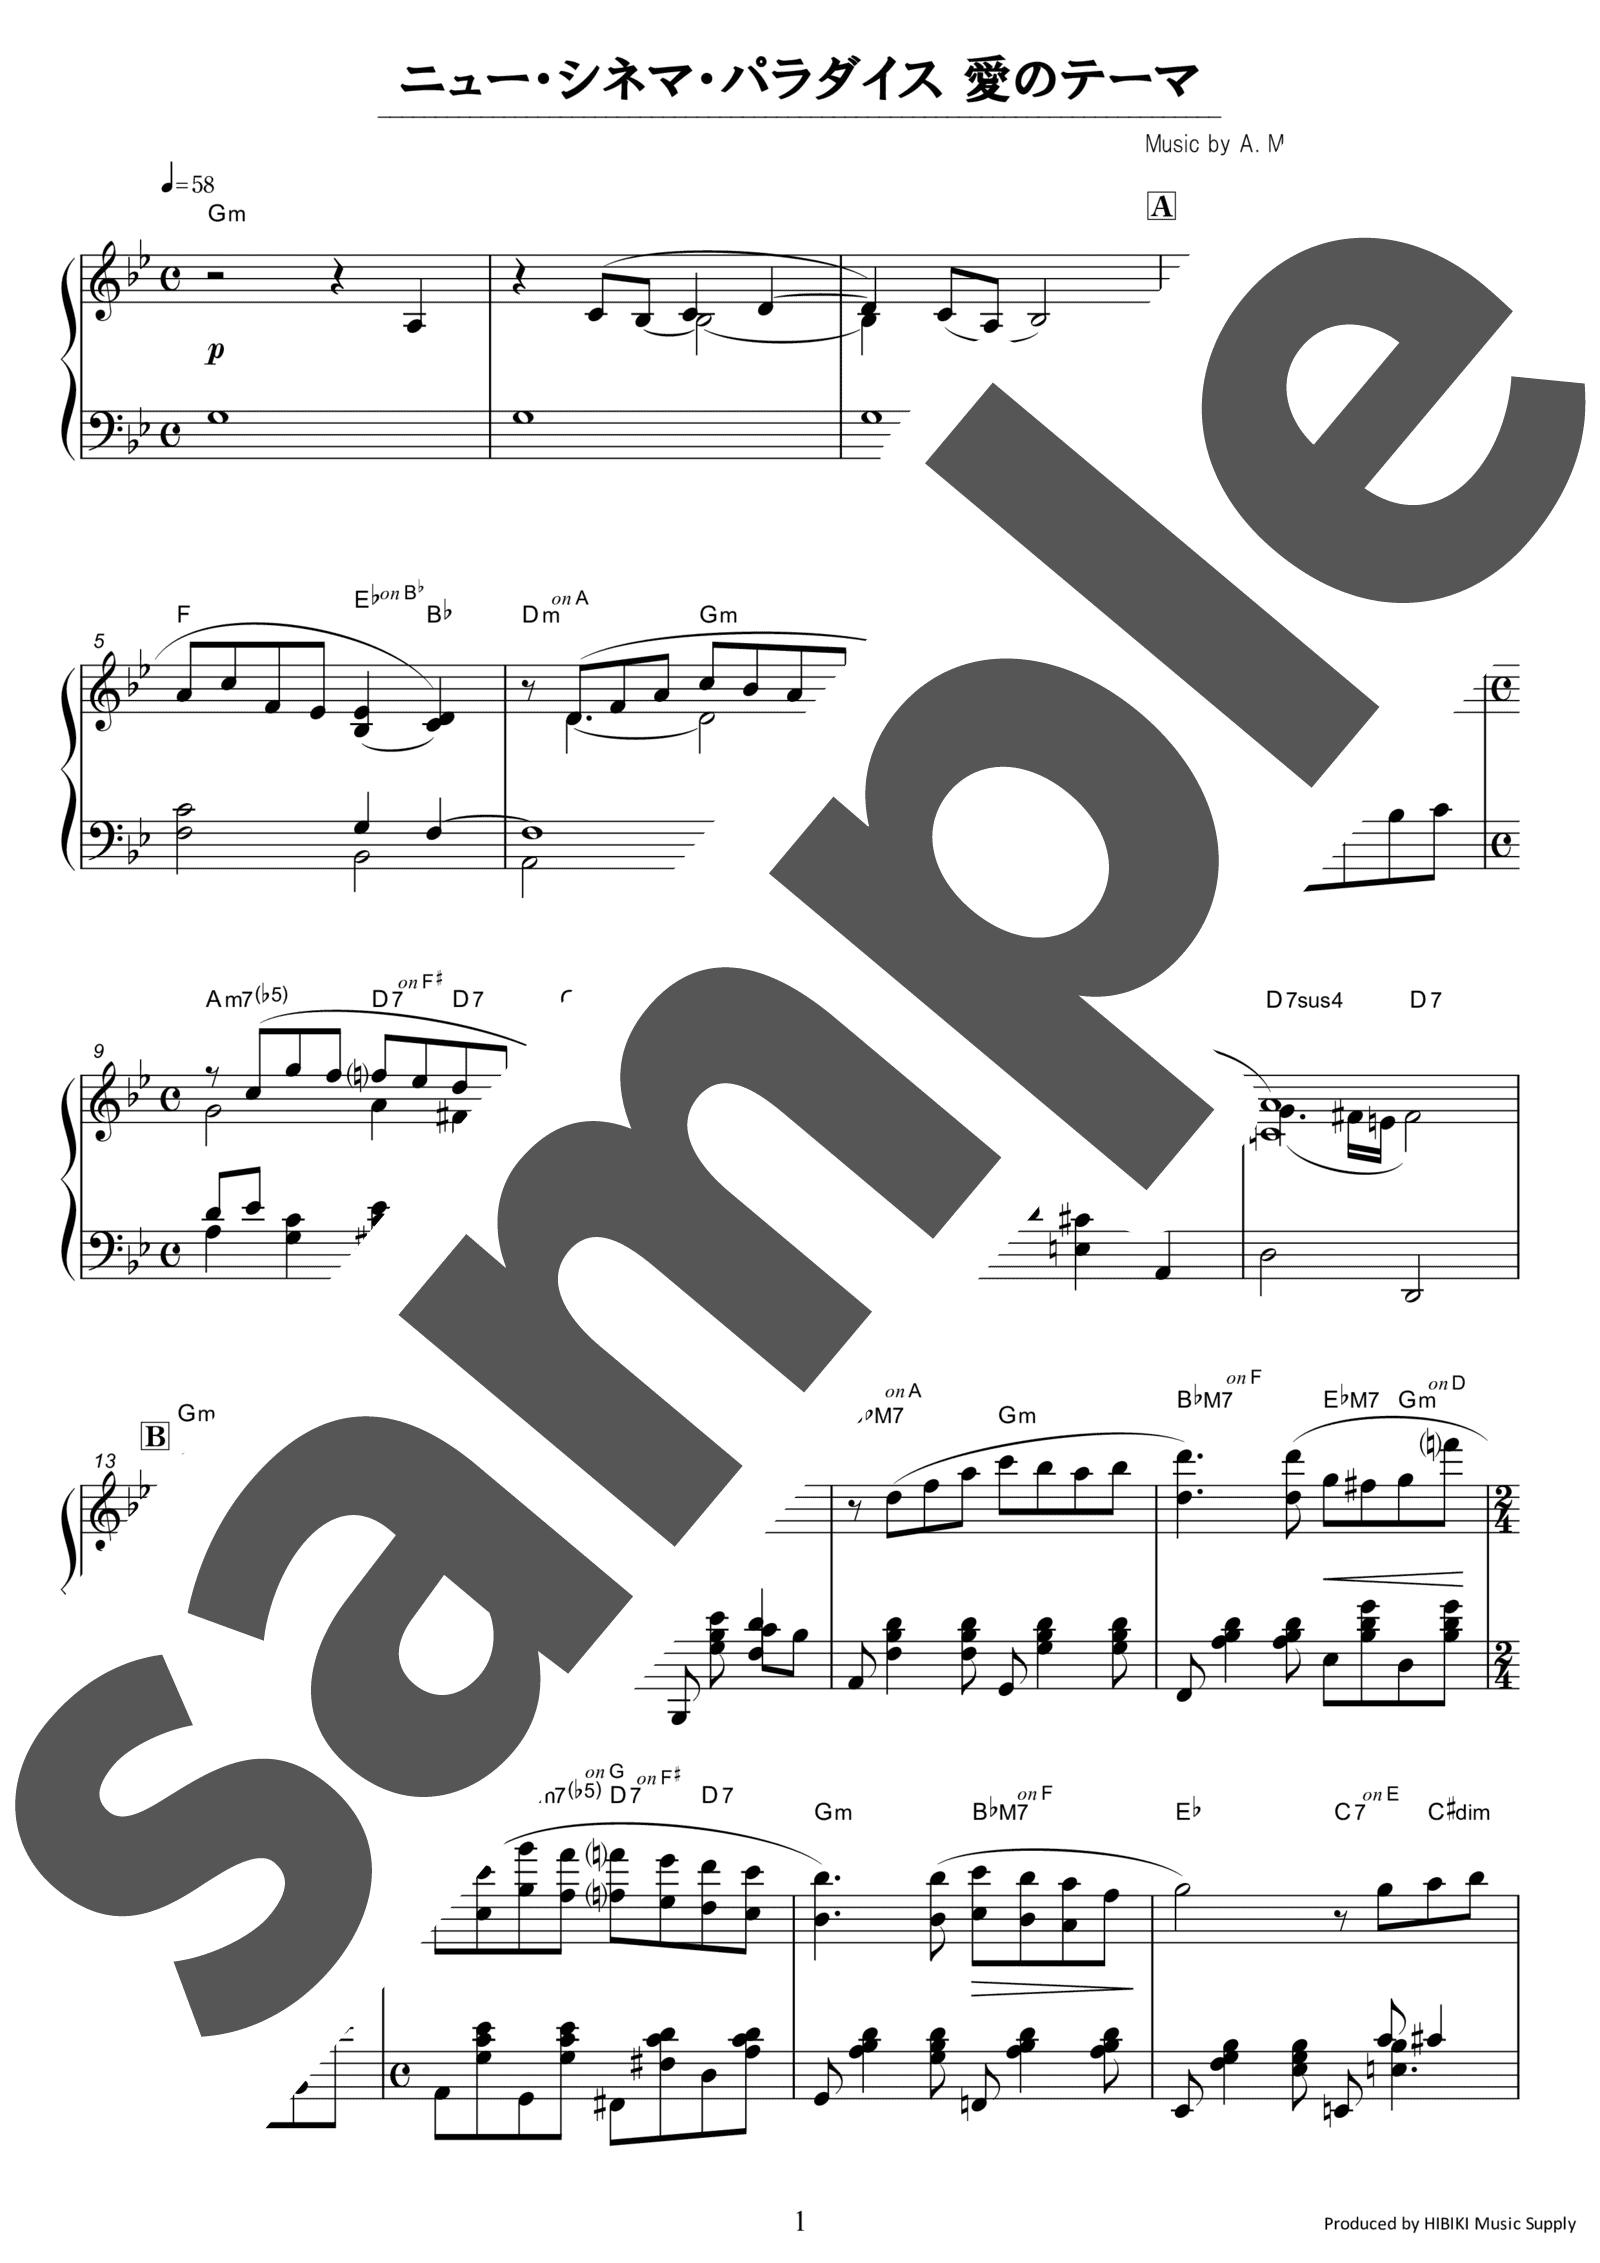 「ニューシネマパラダイス 愛のテーマ」のサンプル楽譜